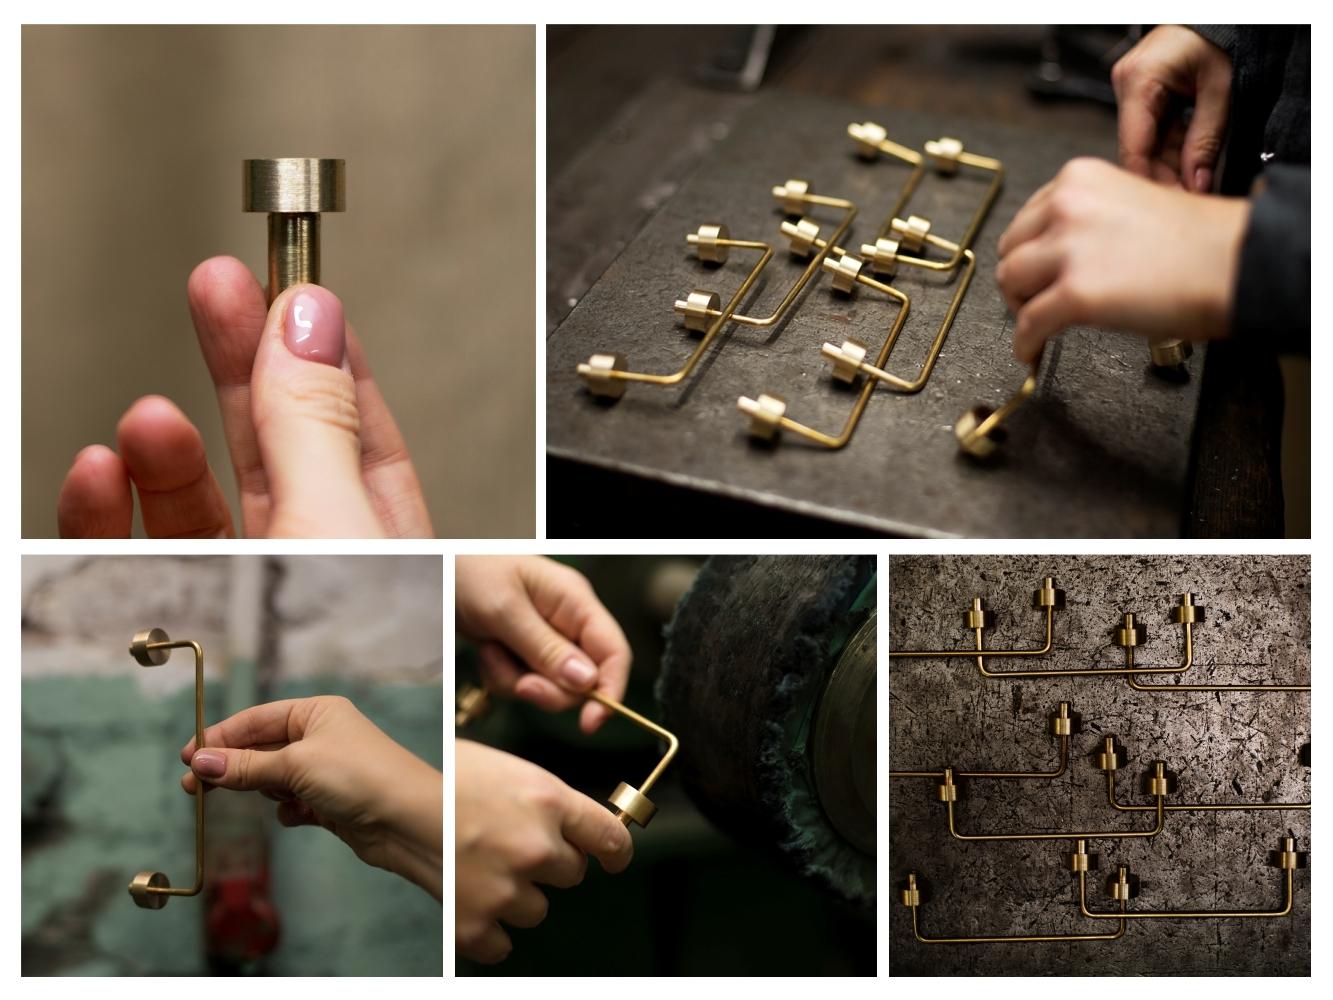 Kolekcja KRAFT Projektant: Ola Munzar-Sobolewska; Producent: Plankton dla domu (źródło: materiały prasowe organizatora)